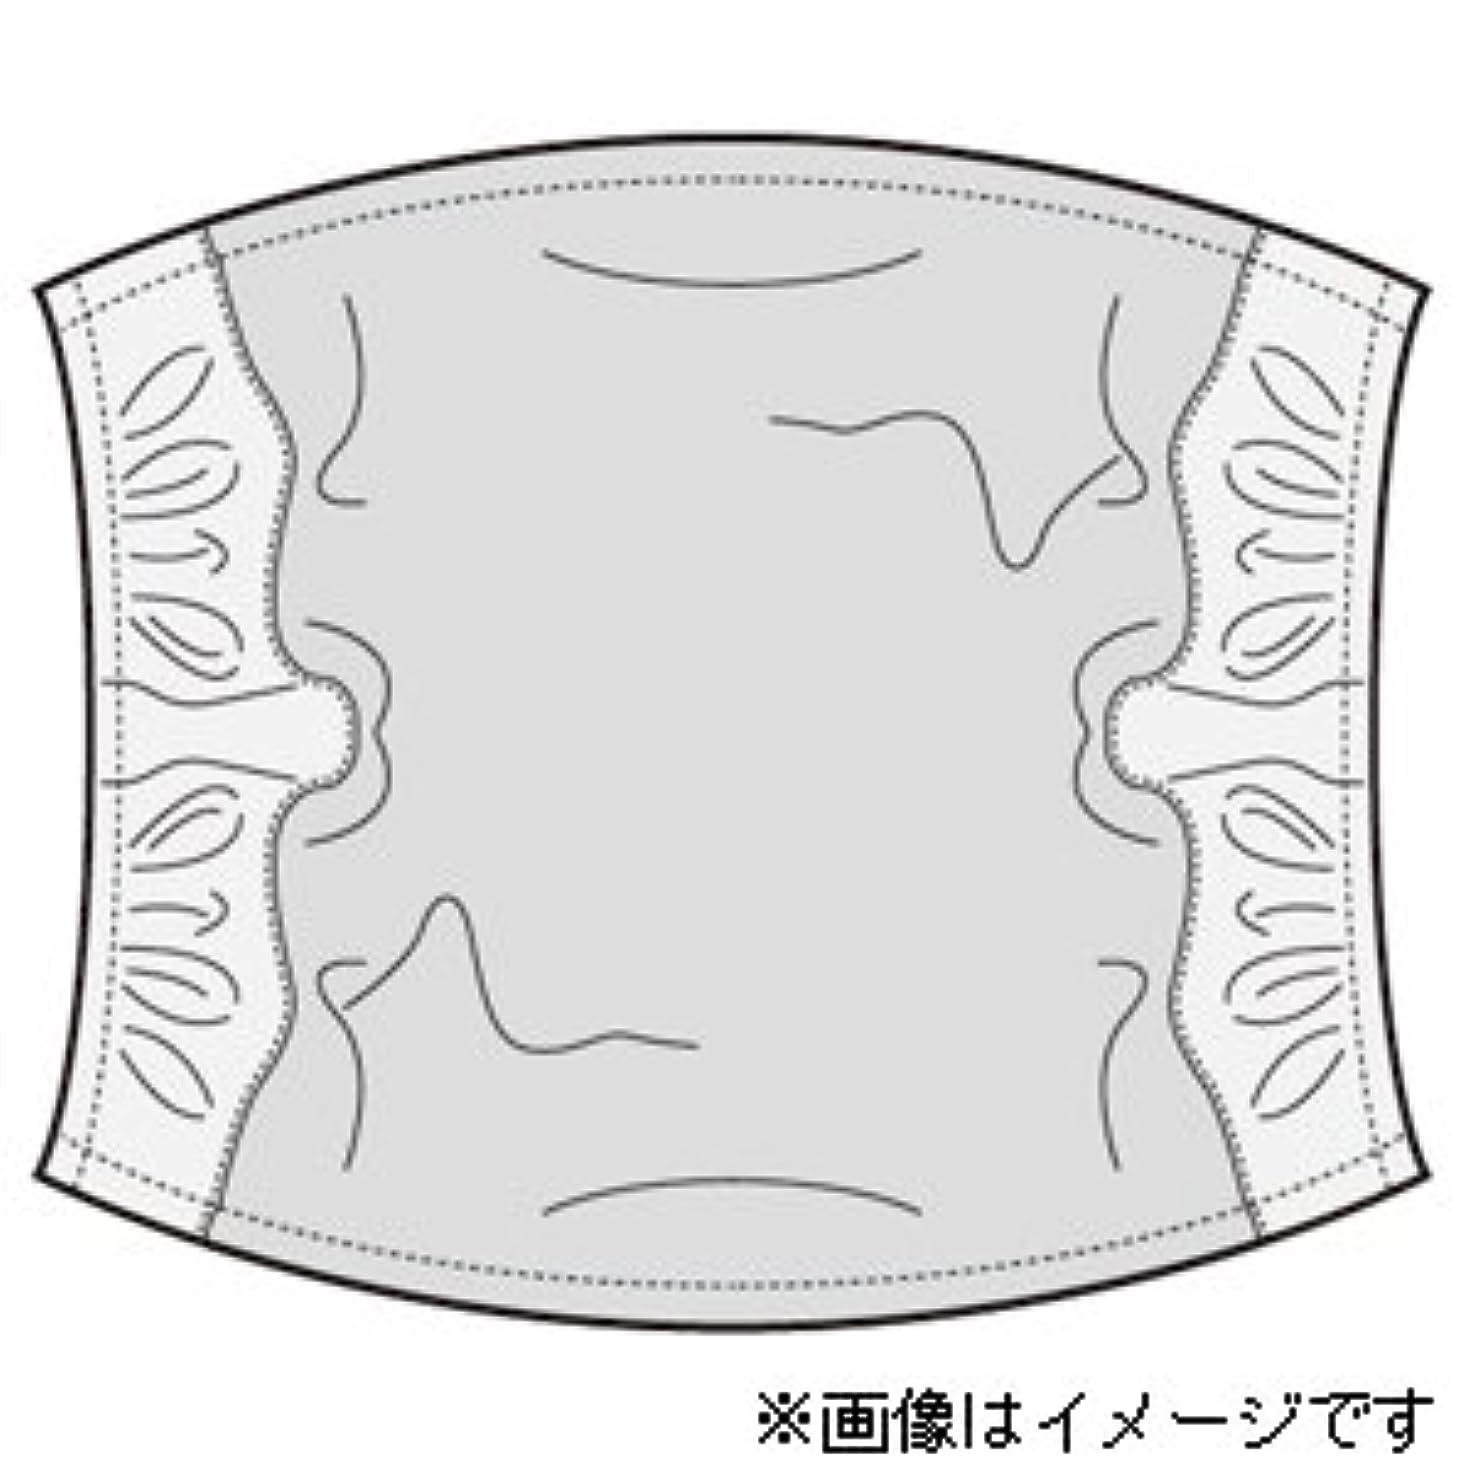 キャンパスパニックビクターオムロン 交換カバー HM-231-COVER